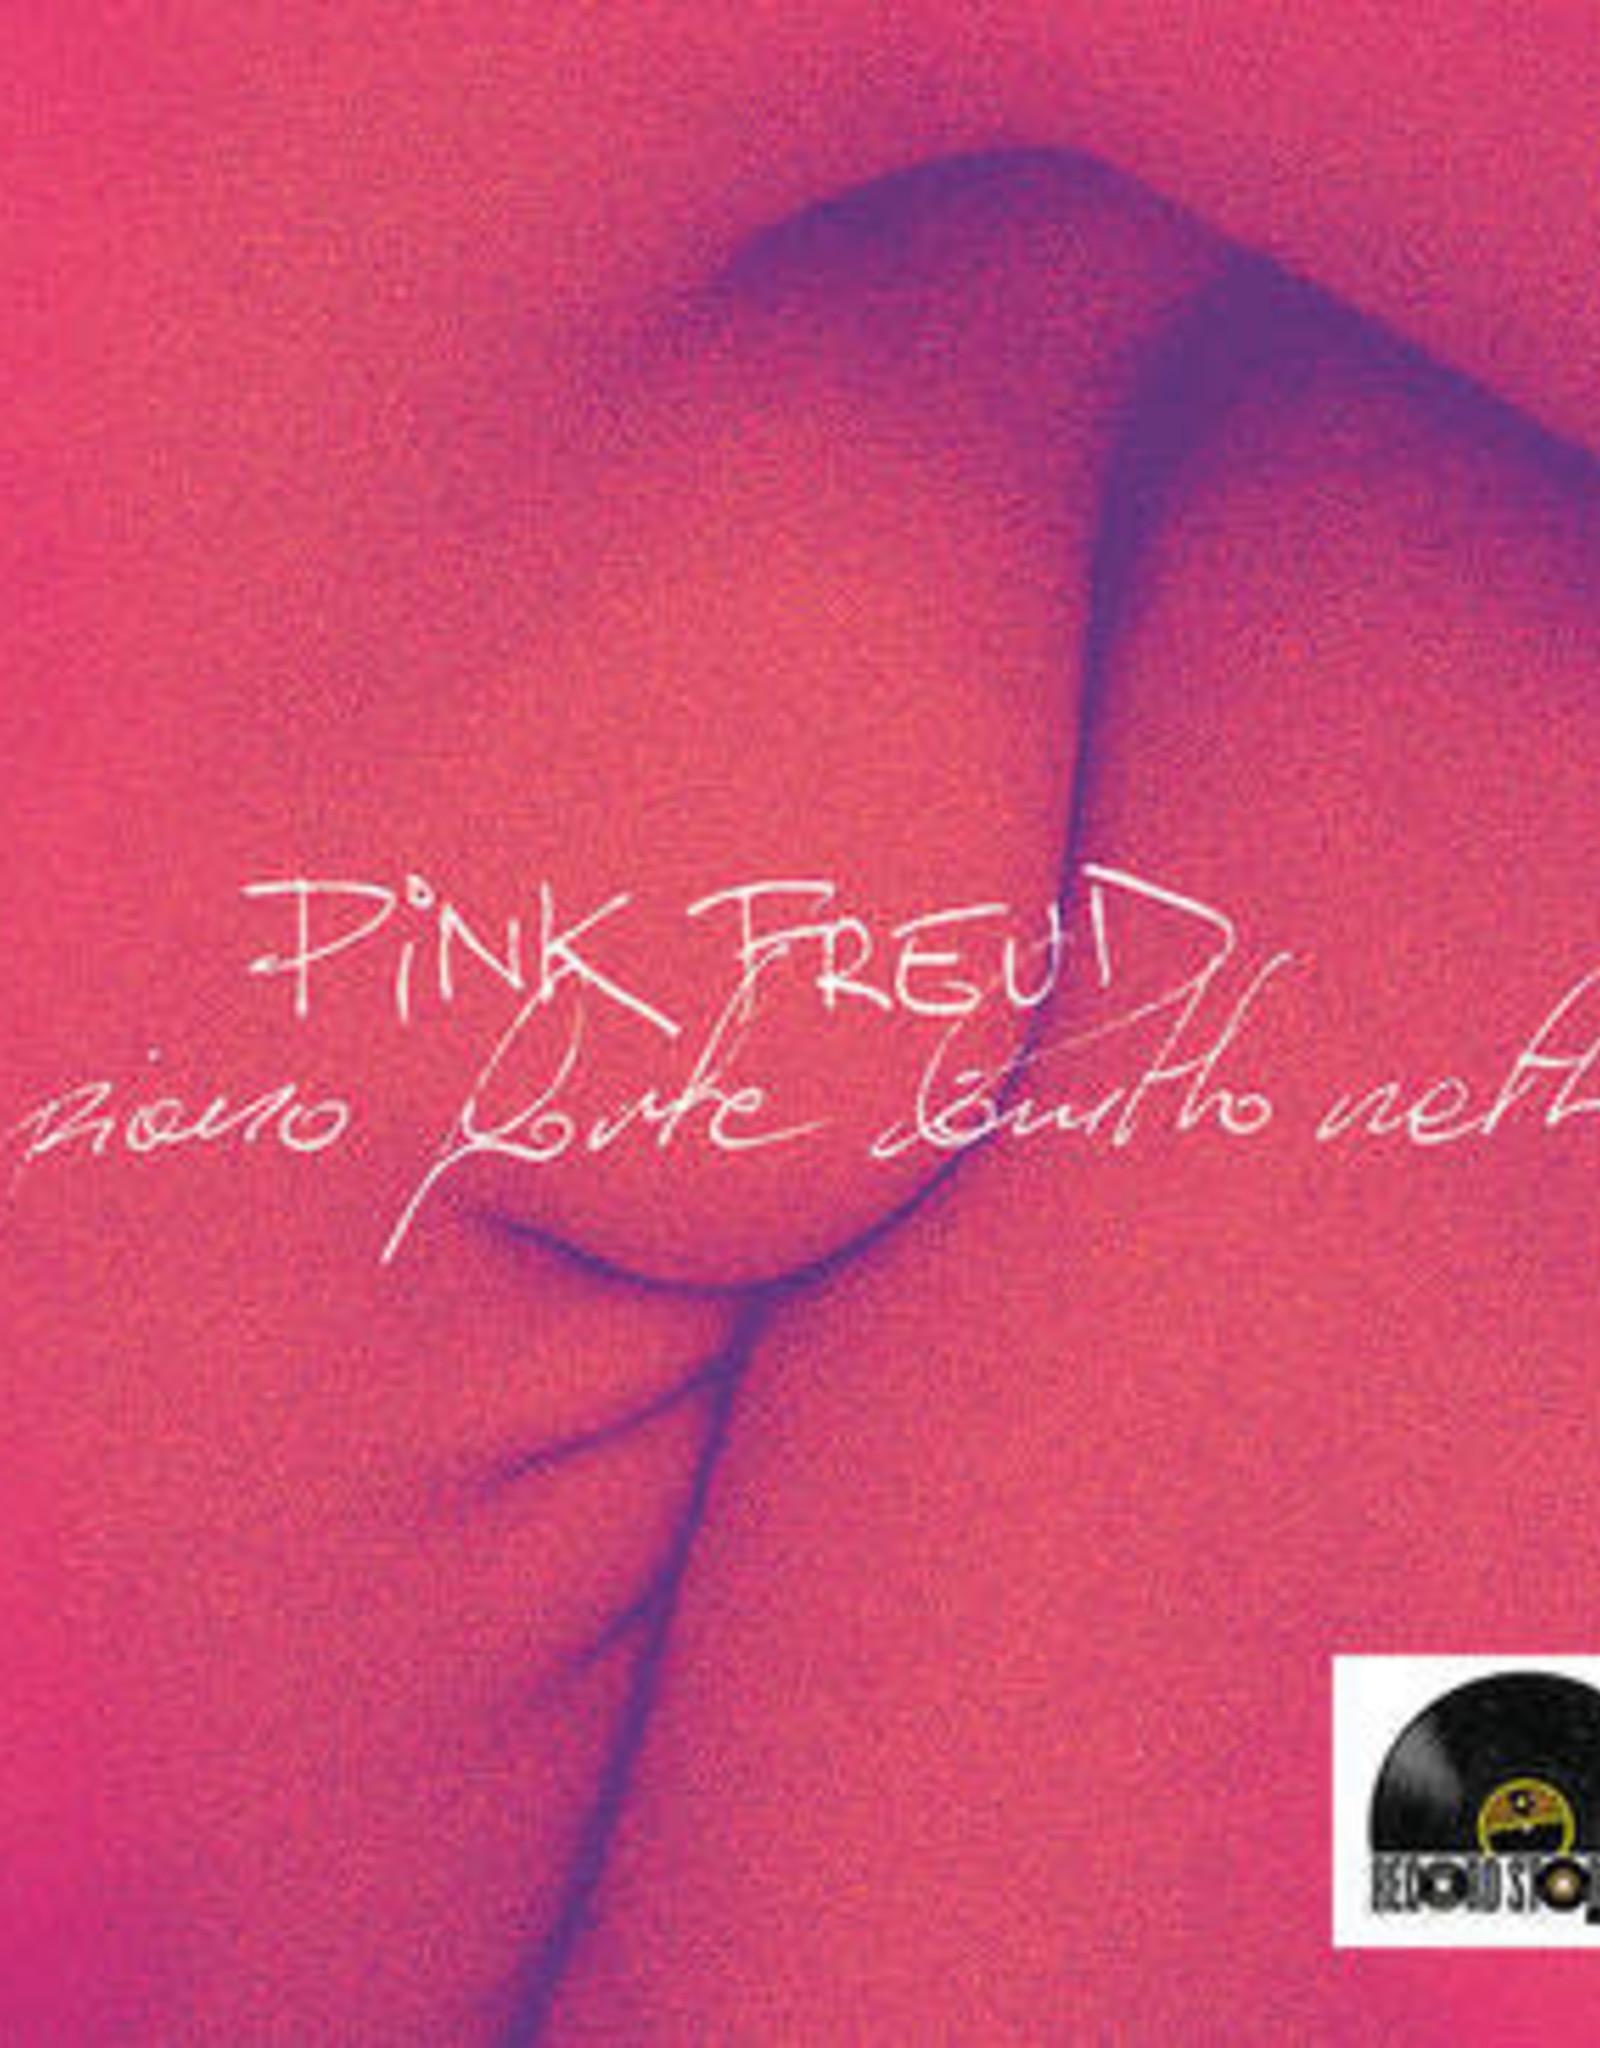 Pink Freud - Piano Forte Brutto Netto (Deluxe) (RSD 7/21)